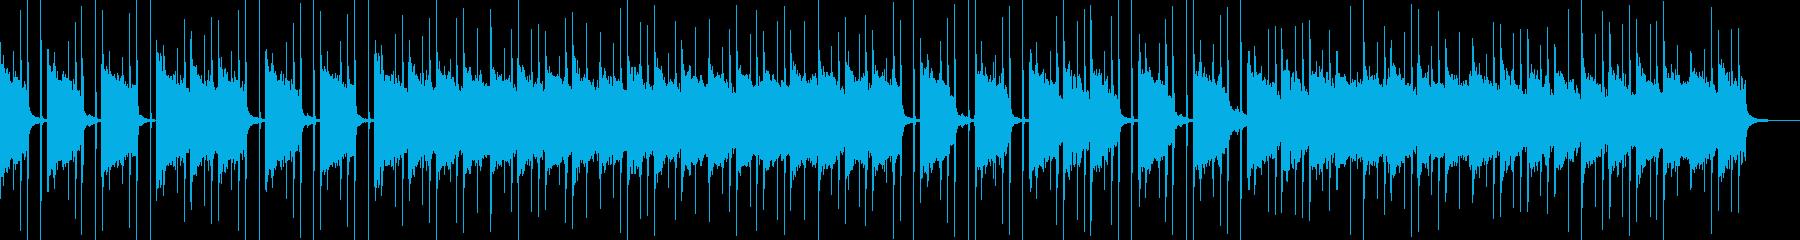 おちついた雰囲気のエレピバラードの再生済みの波形